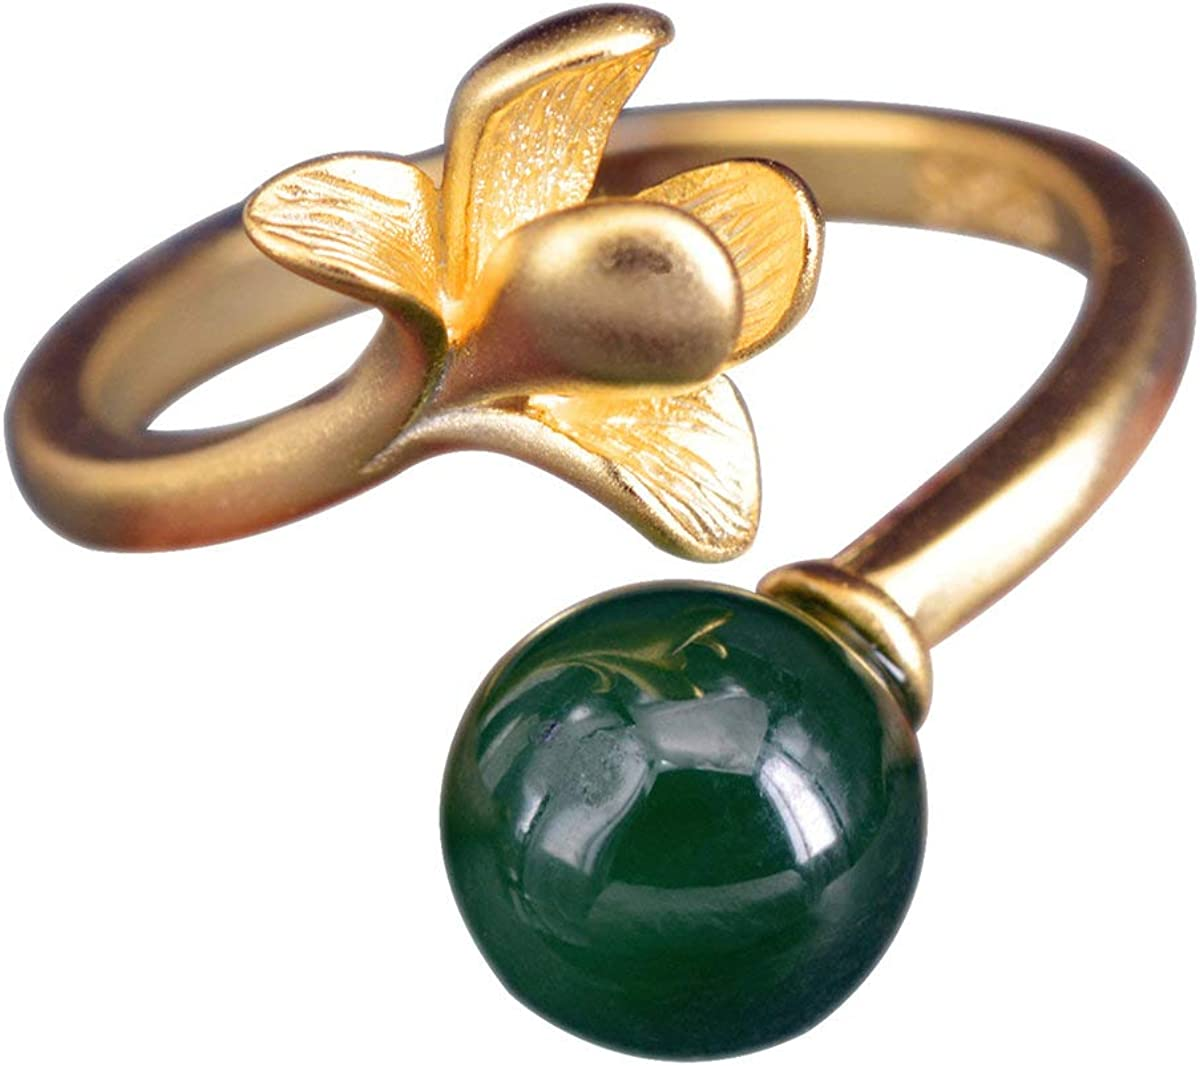 NicoWerk SRI388 - Anillo de plata de ley 925 para mujer, diseño de bola verde con piedra preciosa, color dorado mate